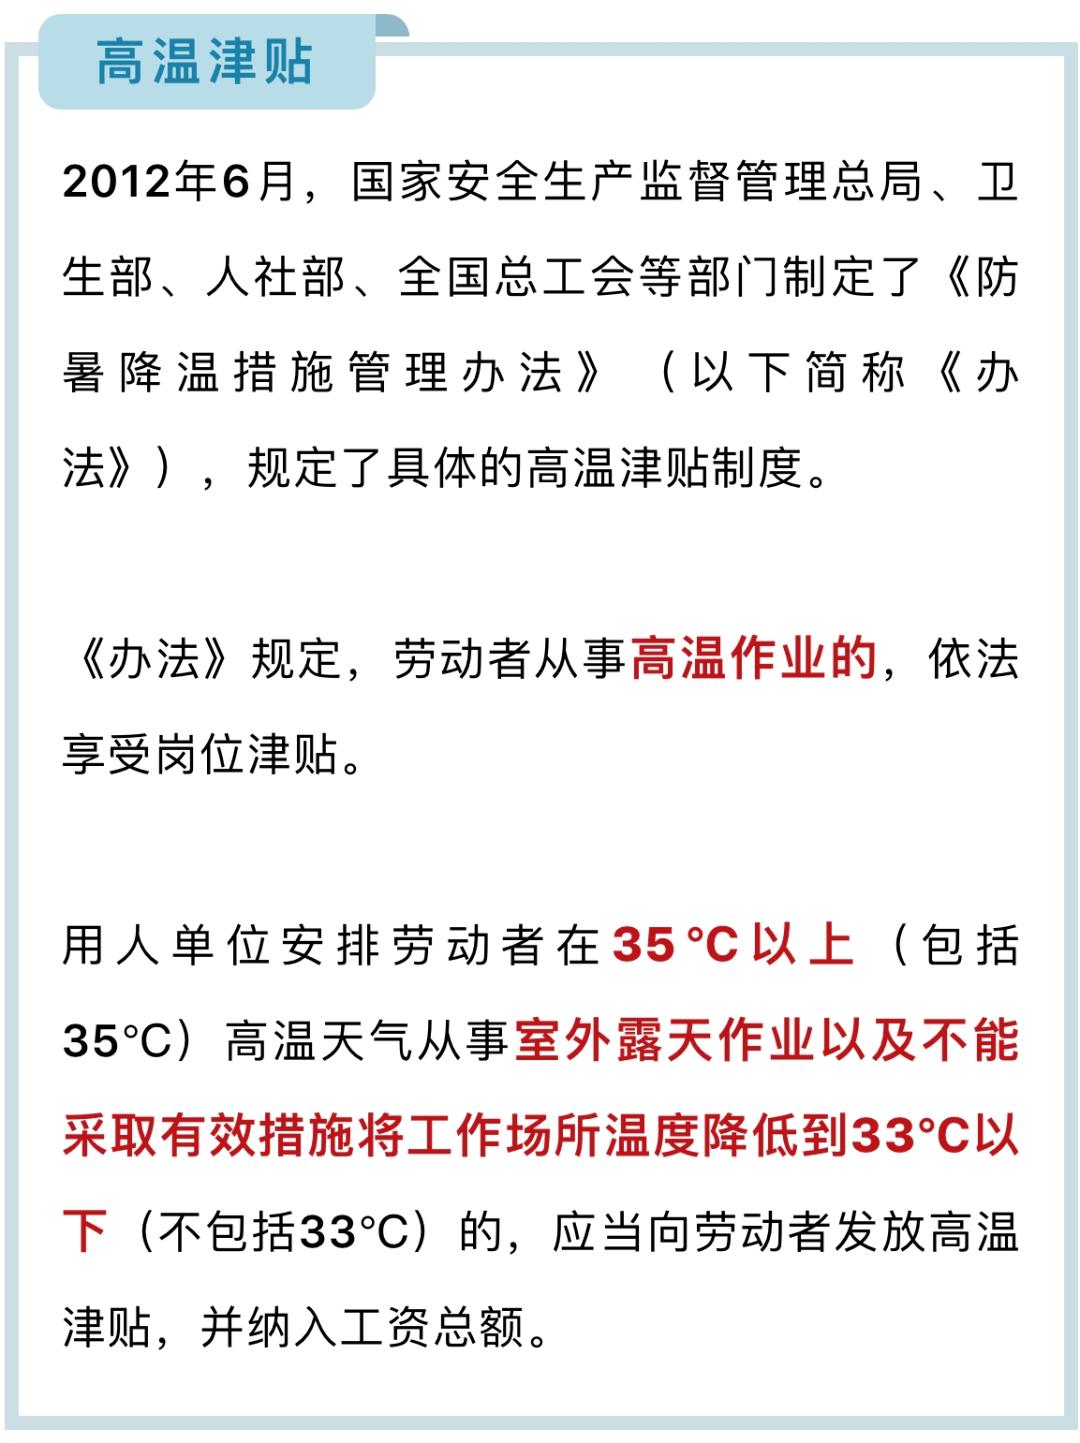 宝应人口多少_江苏扬州下辖区县经济排行 面积 人口等数据 宝应排在(3)